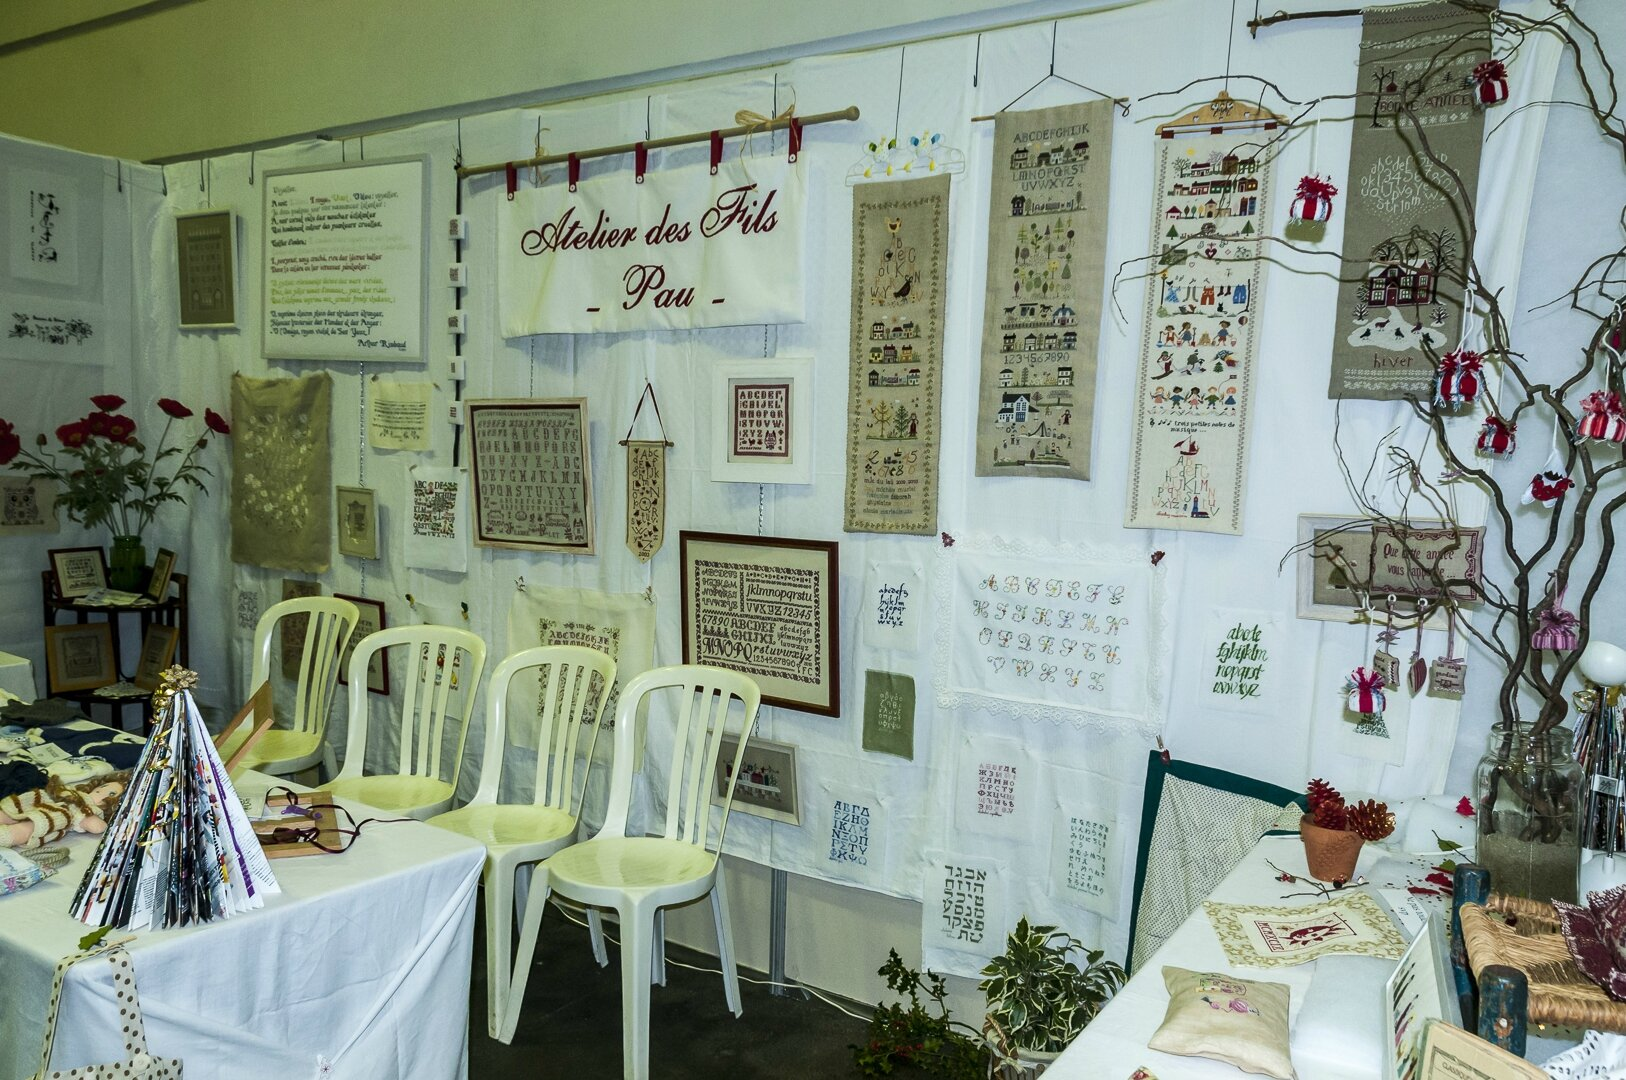 2016-12-02_19-45-32_Les ateliers du fil-Les fils croisés en Béarn